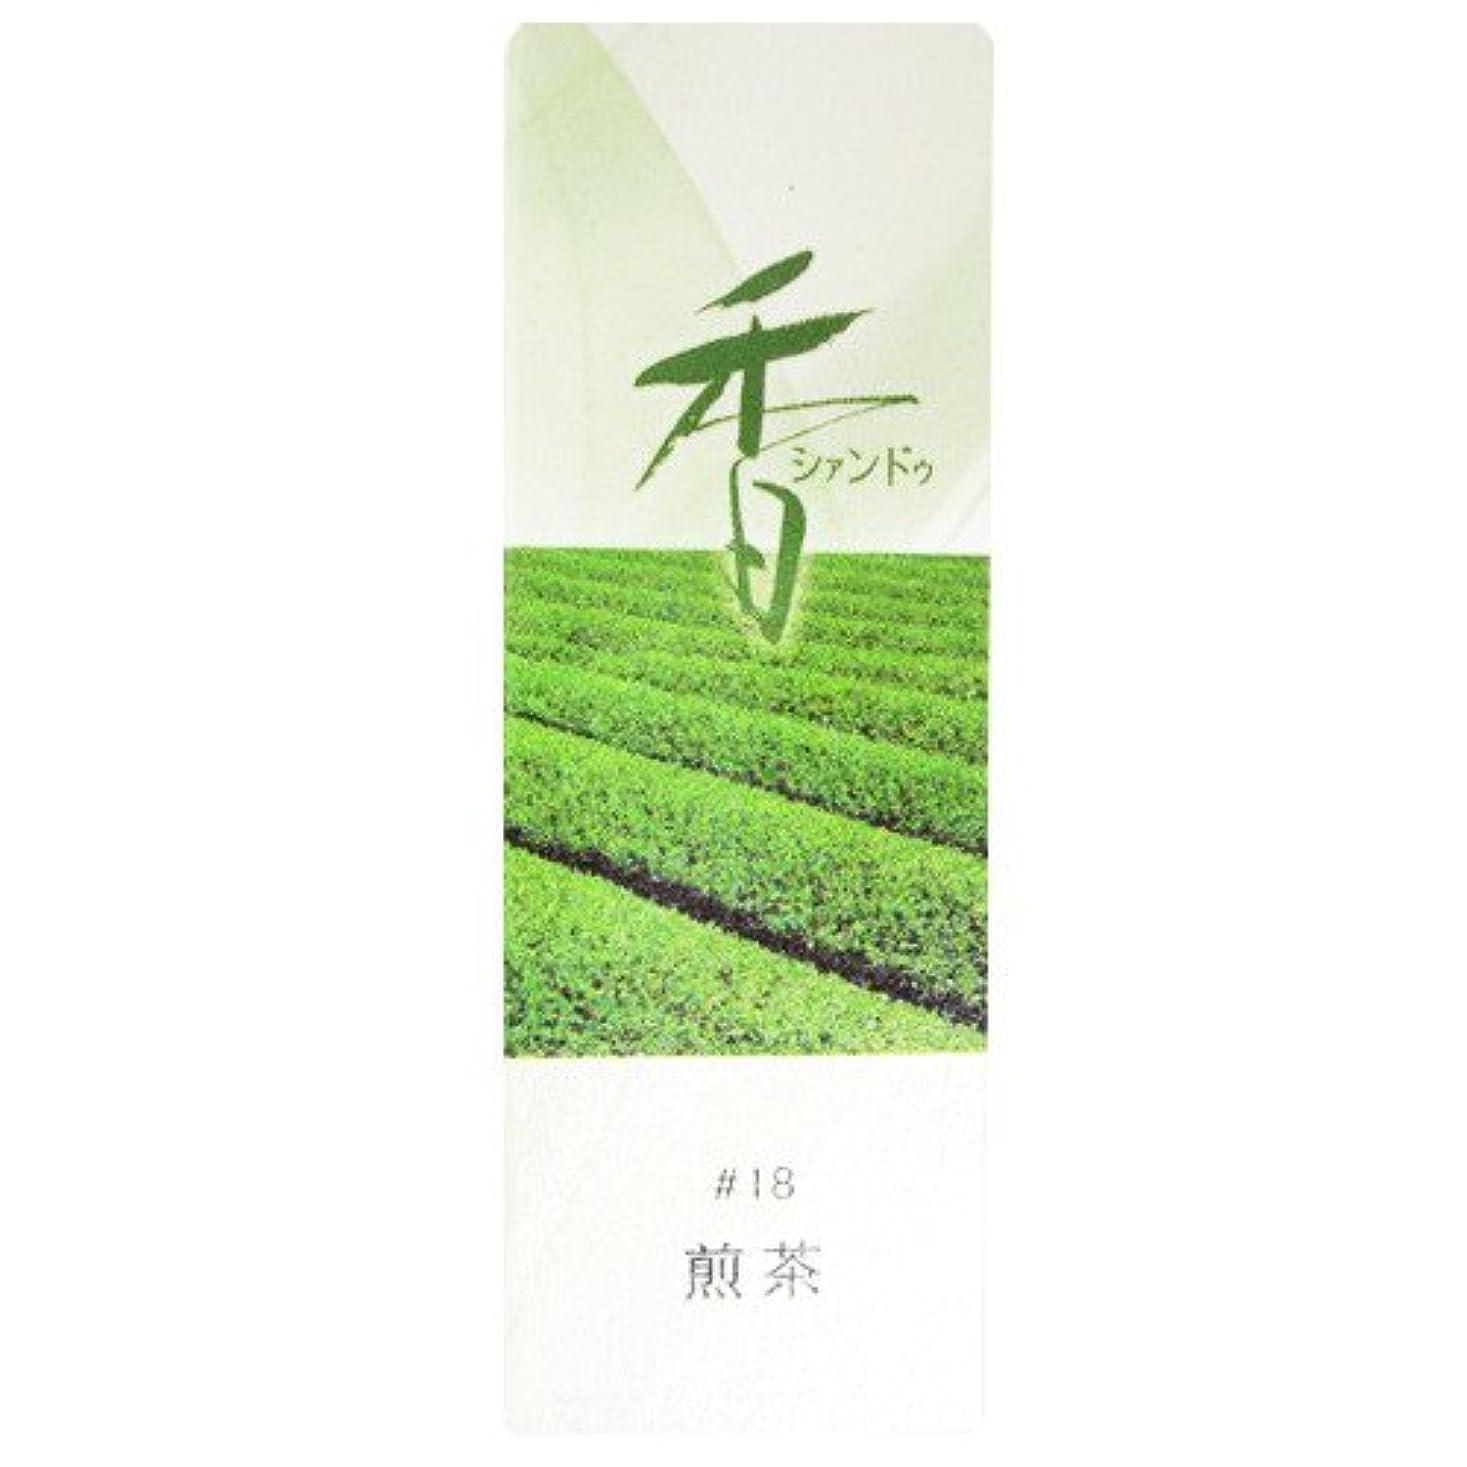 部分的にあご泥だらけ松栄堂のお香 Xiang Do(シャンドゥ) 煎茶 ST20本入 簡易香立付 #214218